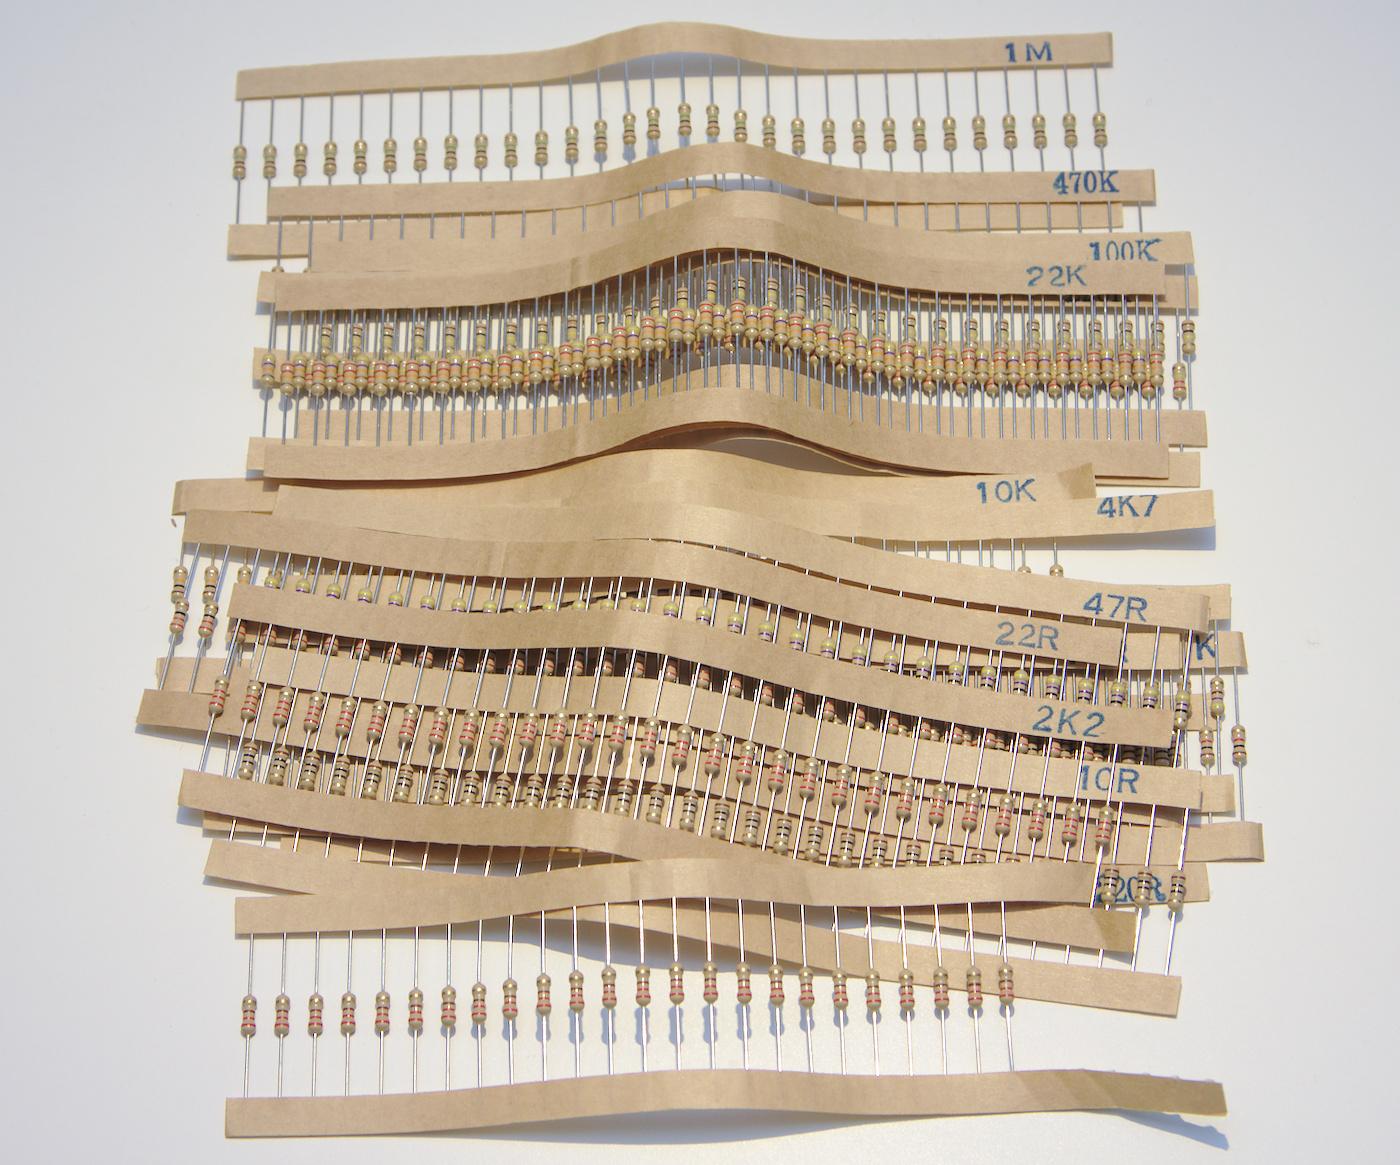 Resistorer av olika värden, levererade på tejp uppmärkta med resistorvärdet